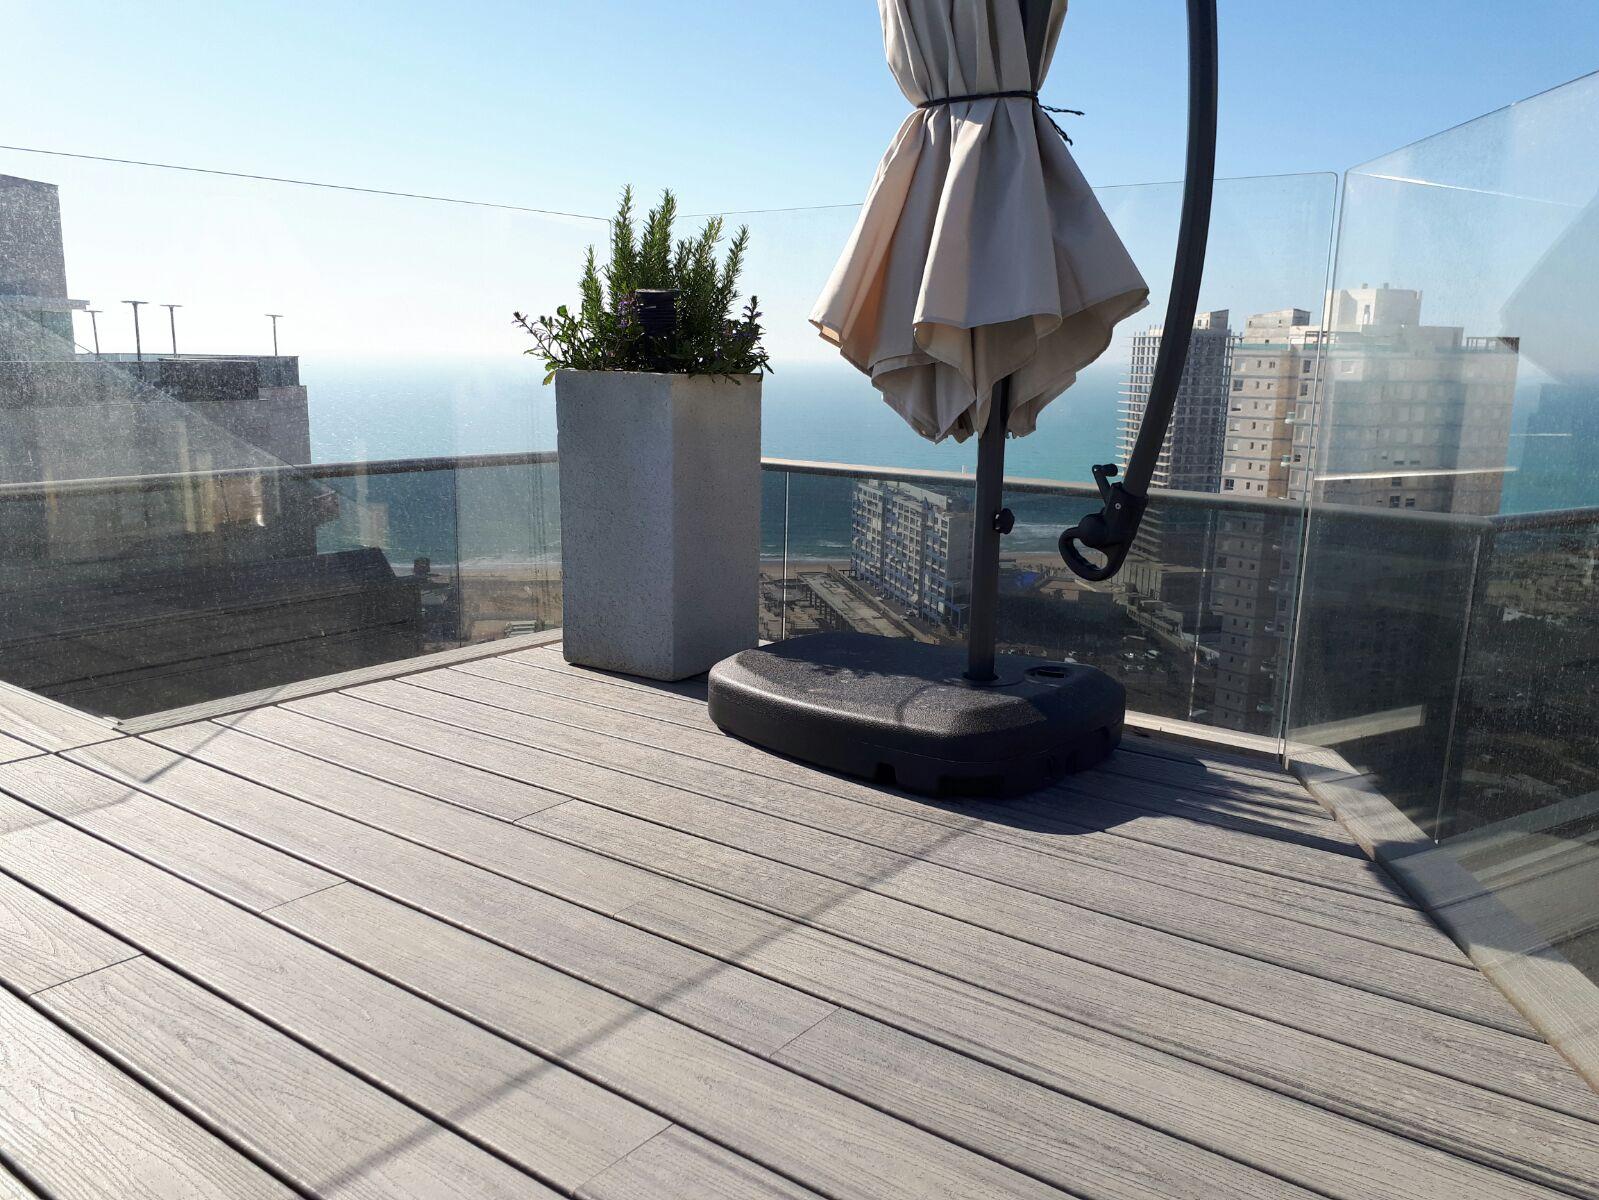 דק סינטטי, דק למרפסת בפנטהאוז בבת ים - חברת TREX מומחים בדקים סינטטיים לחצר, דק לגינה ודק למרפסת